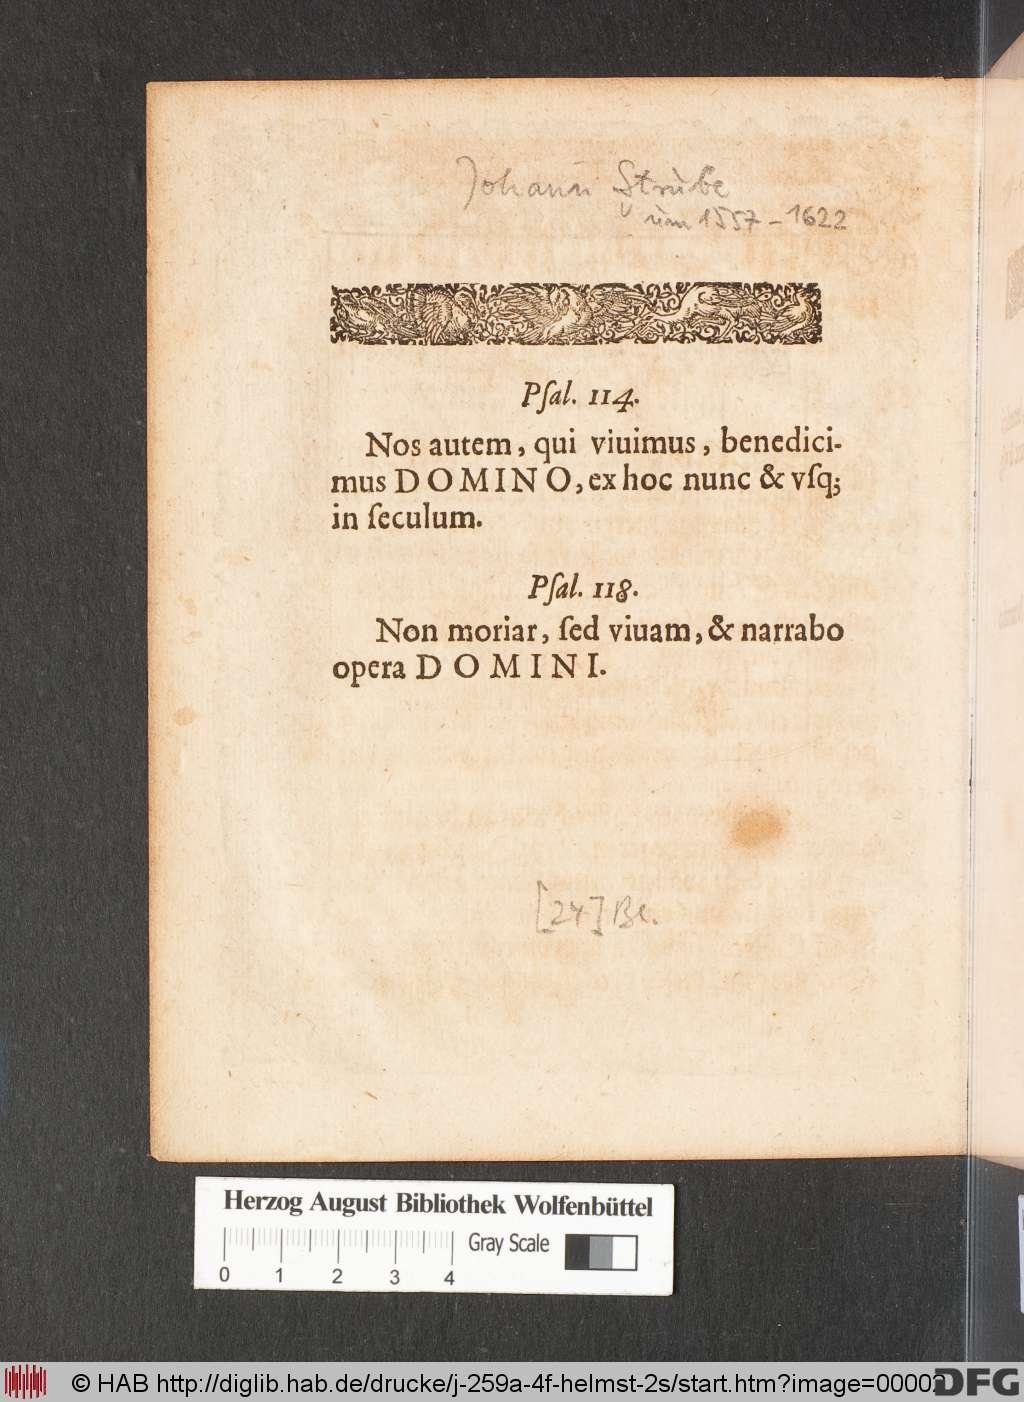 http://diglib.hab.de/drucke/j-259a-4f-helmst-2s/00002.jpg